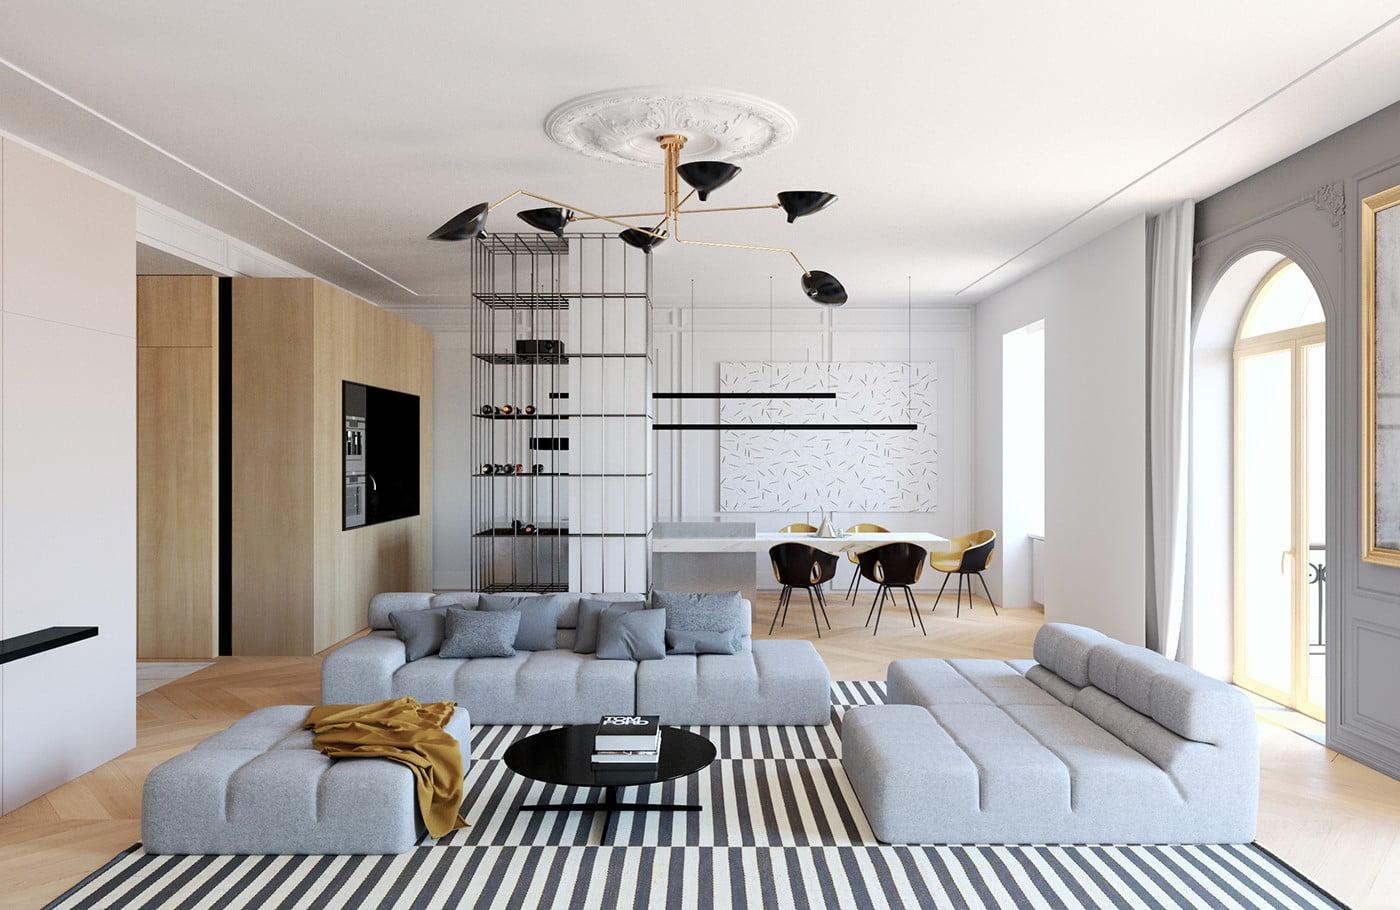 transitional era interior design